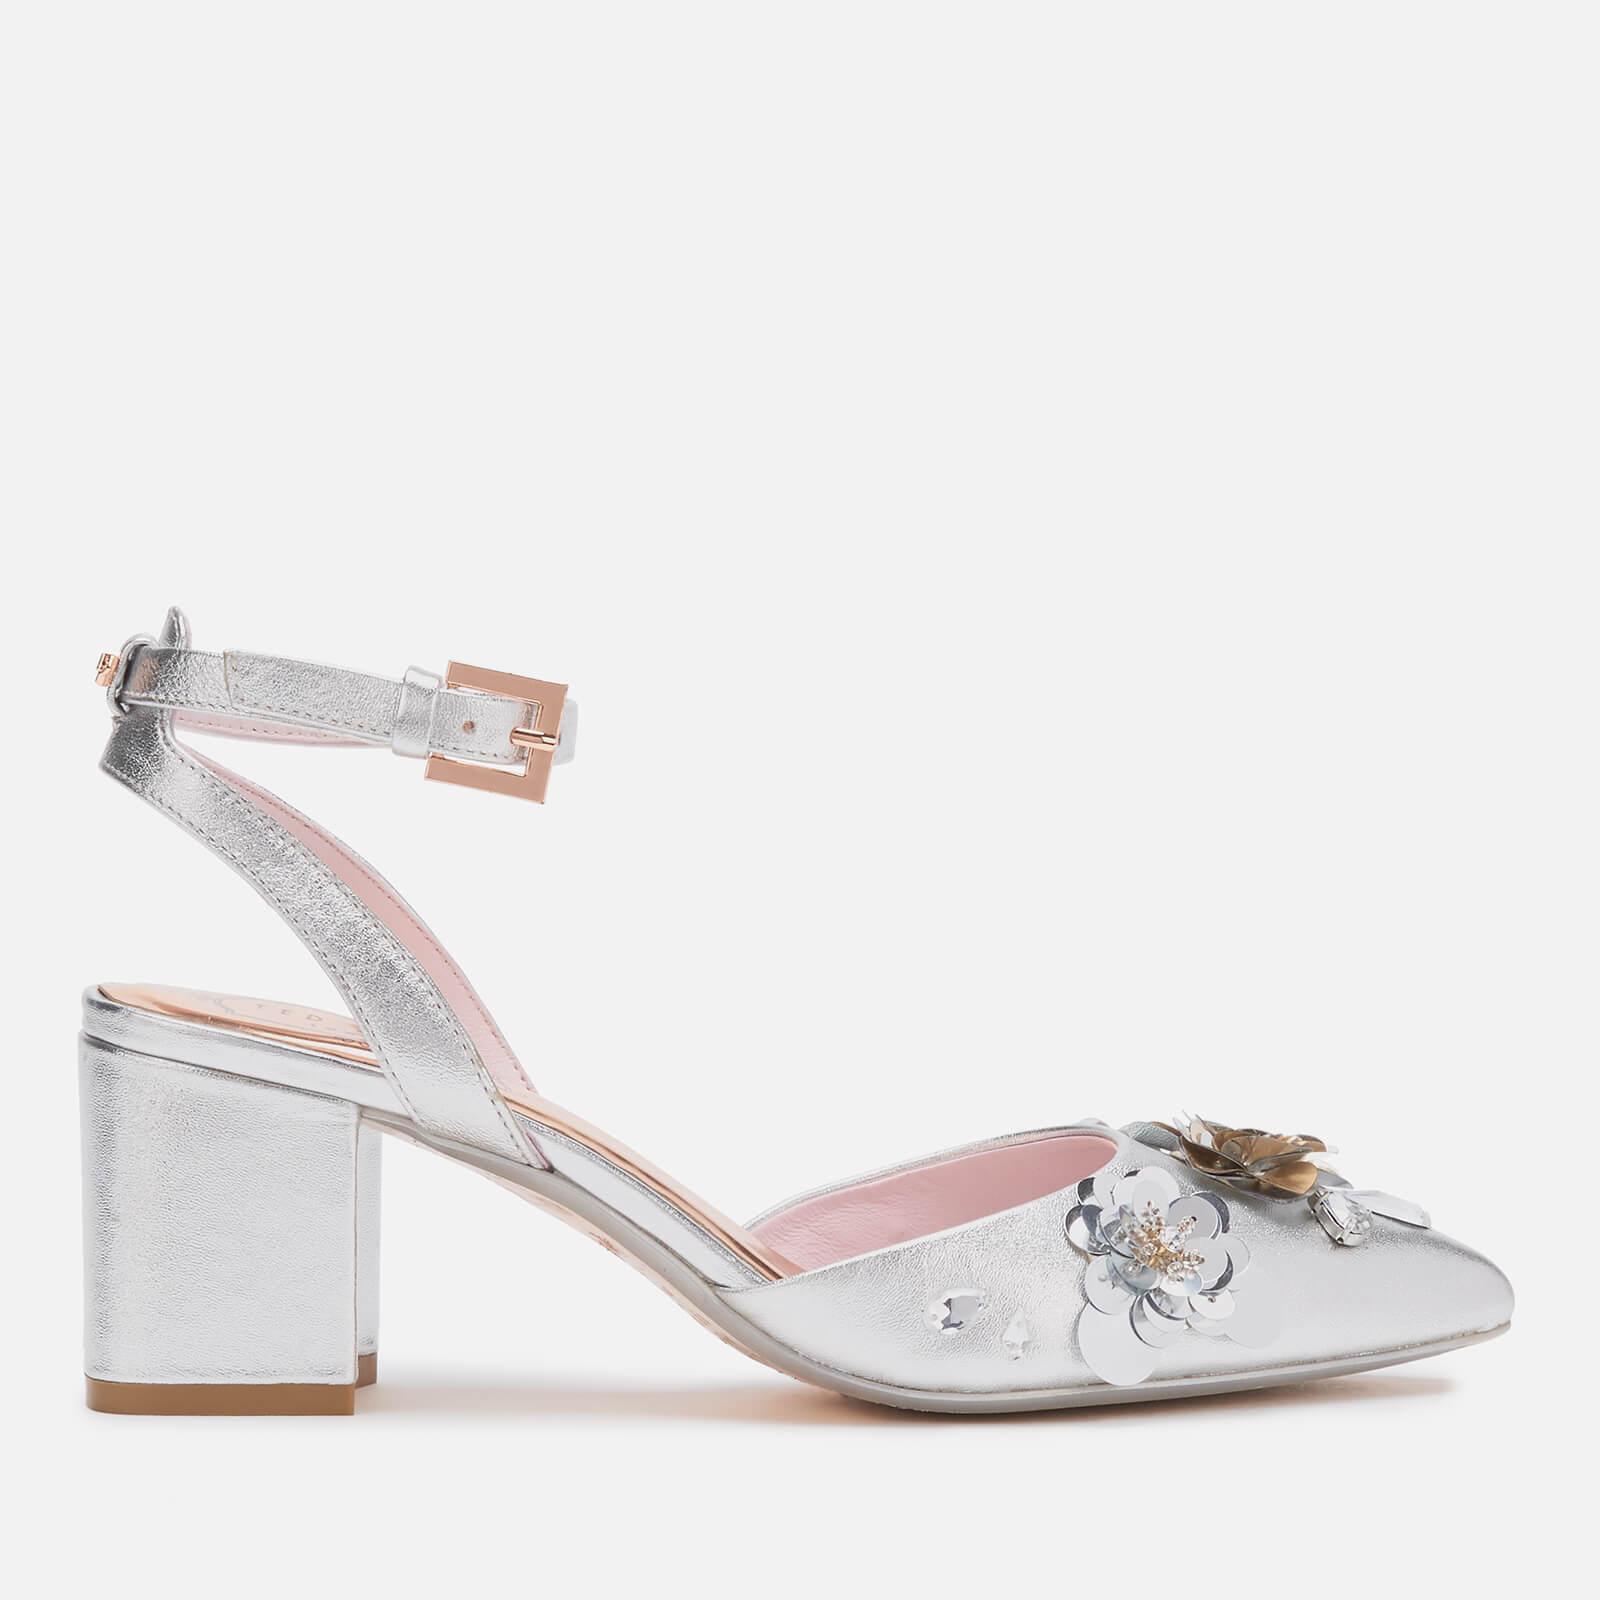 Ted Baker Women's Odesca Floral Embellished Block Heeled Sandals - Silver - UK 3